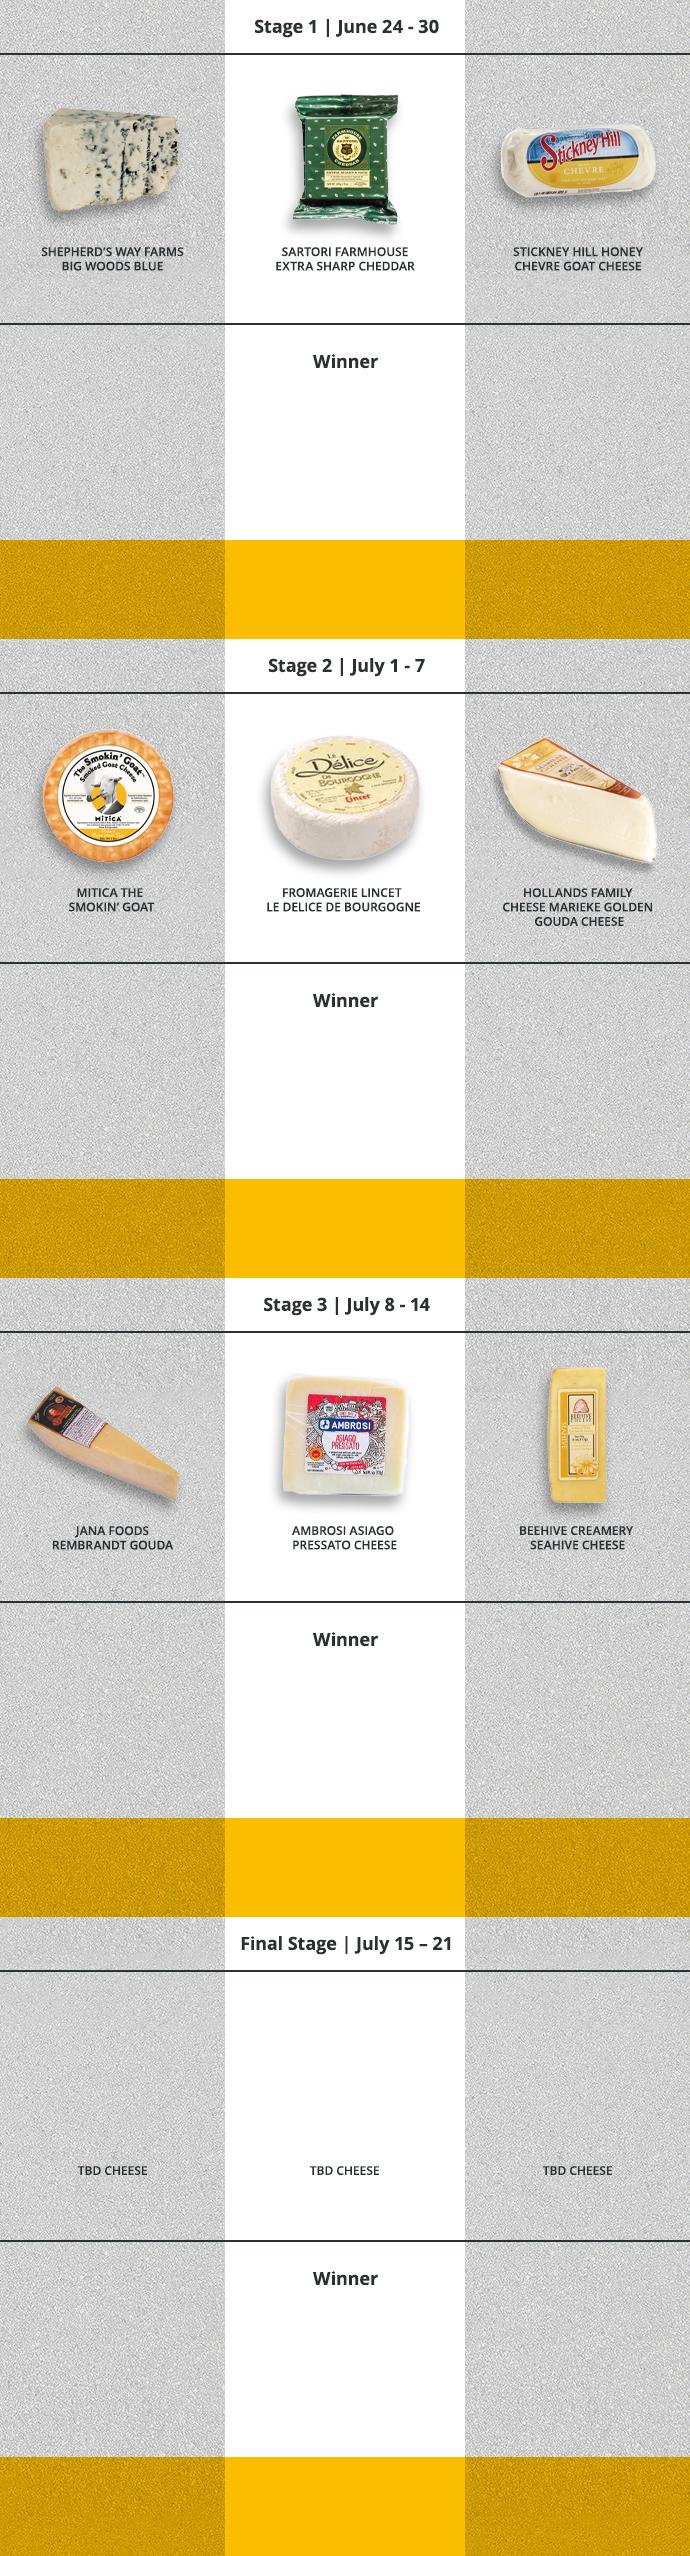 Follow The Race June 24 - July 21!